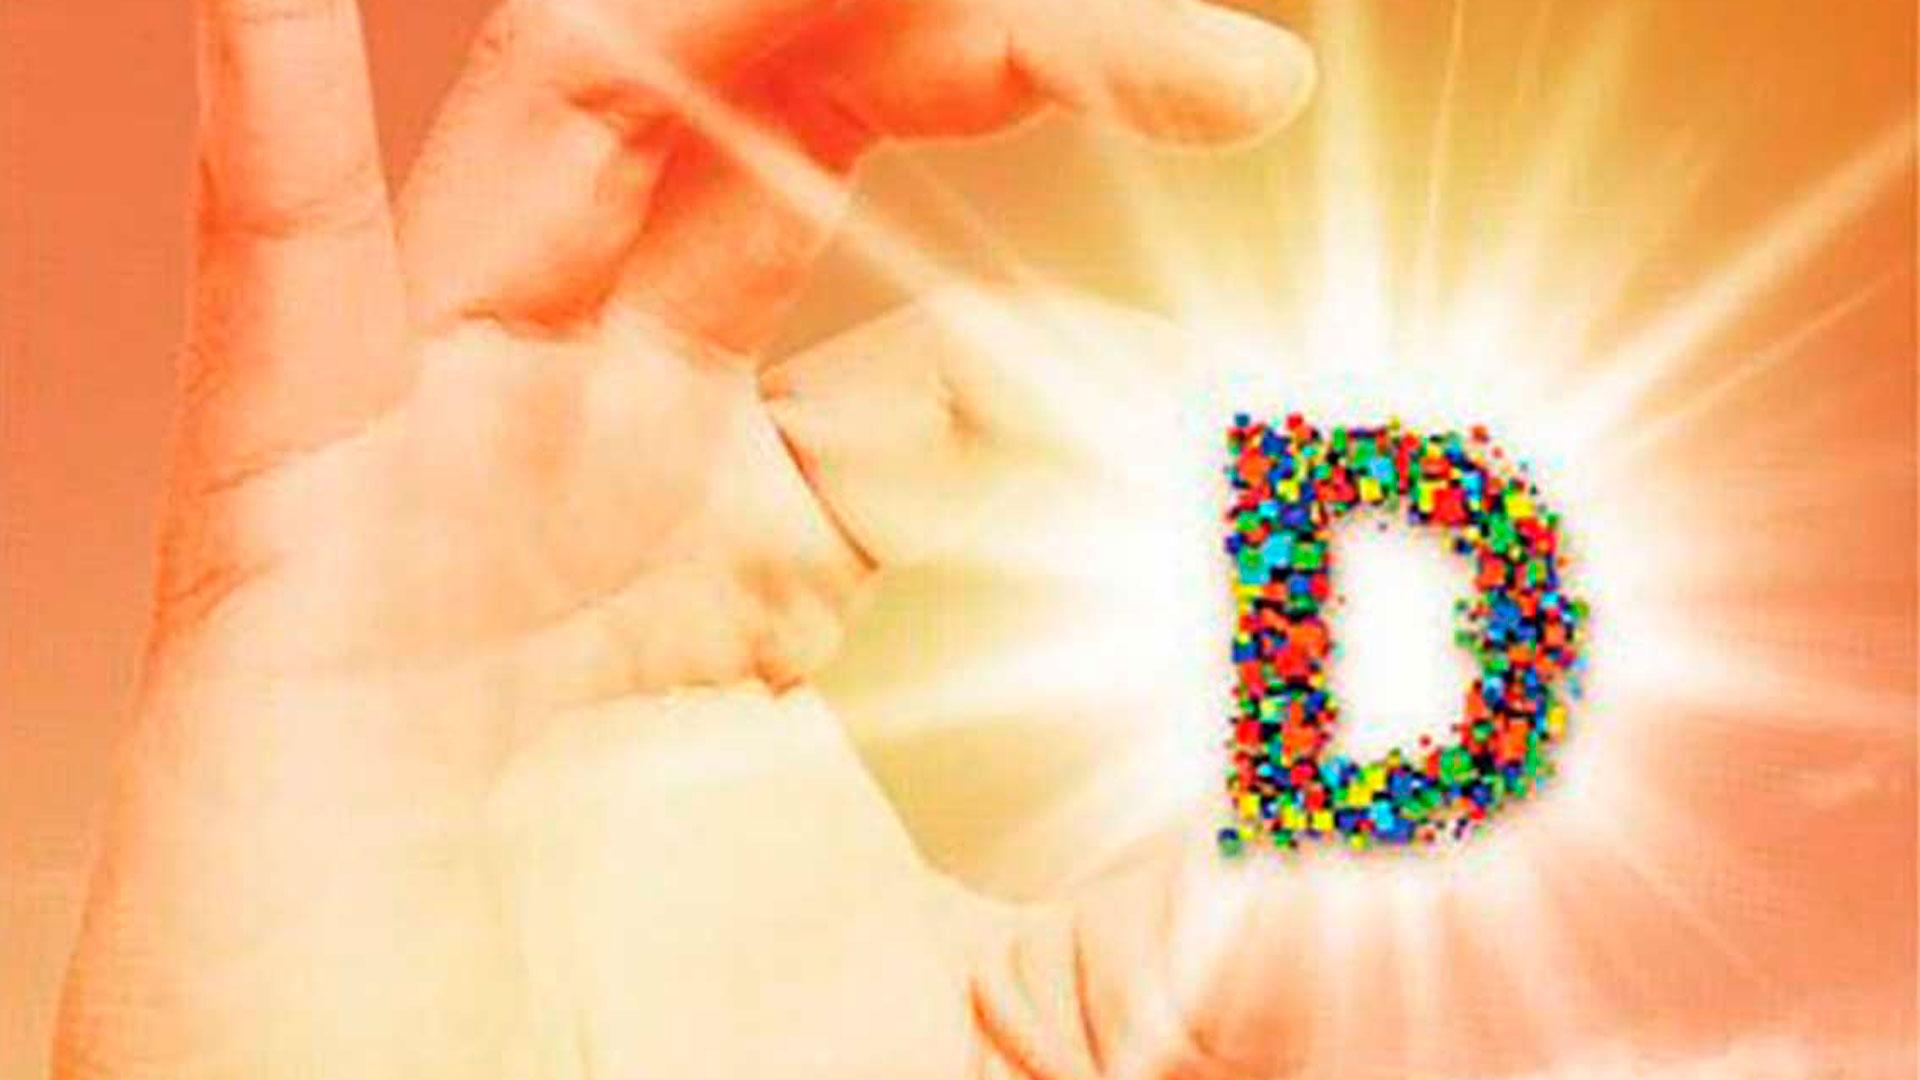 La carenza di vitamina D non sembra influire sul rischio di diabete di tipo 1